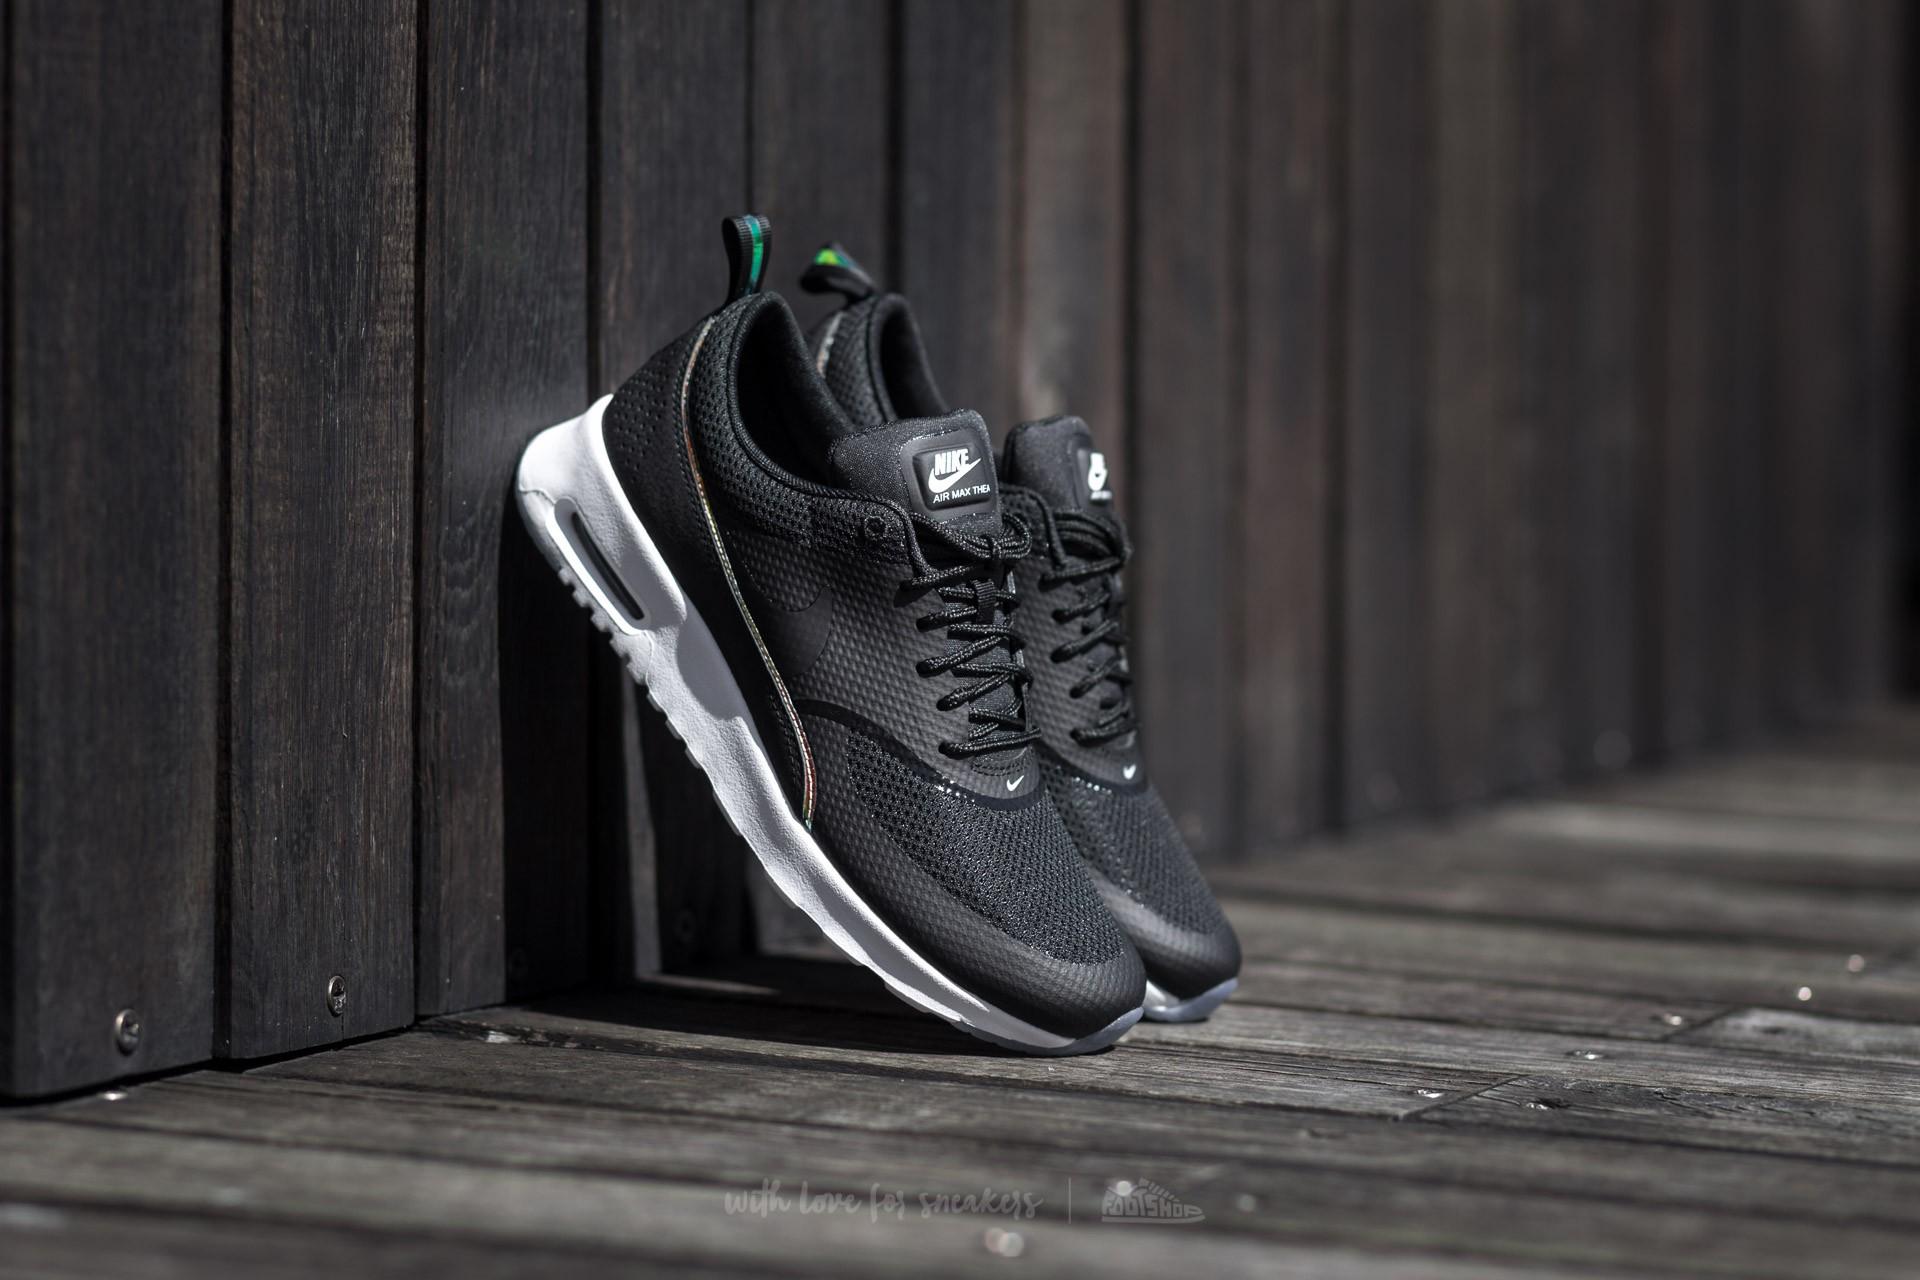 Nike Wmns Air Max Thea Premium Black/ Black-Blue Tint